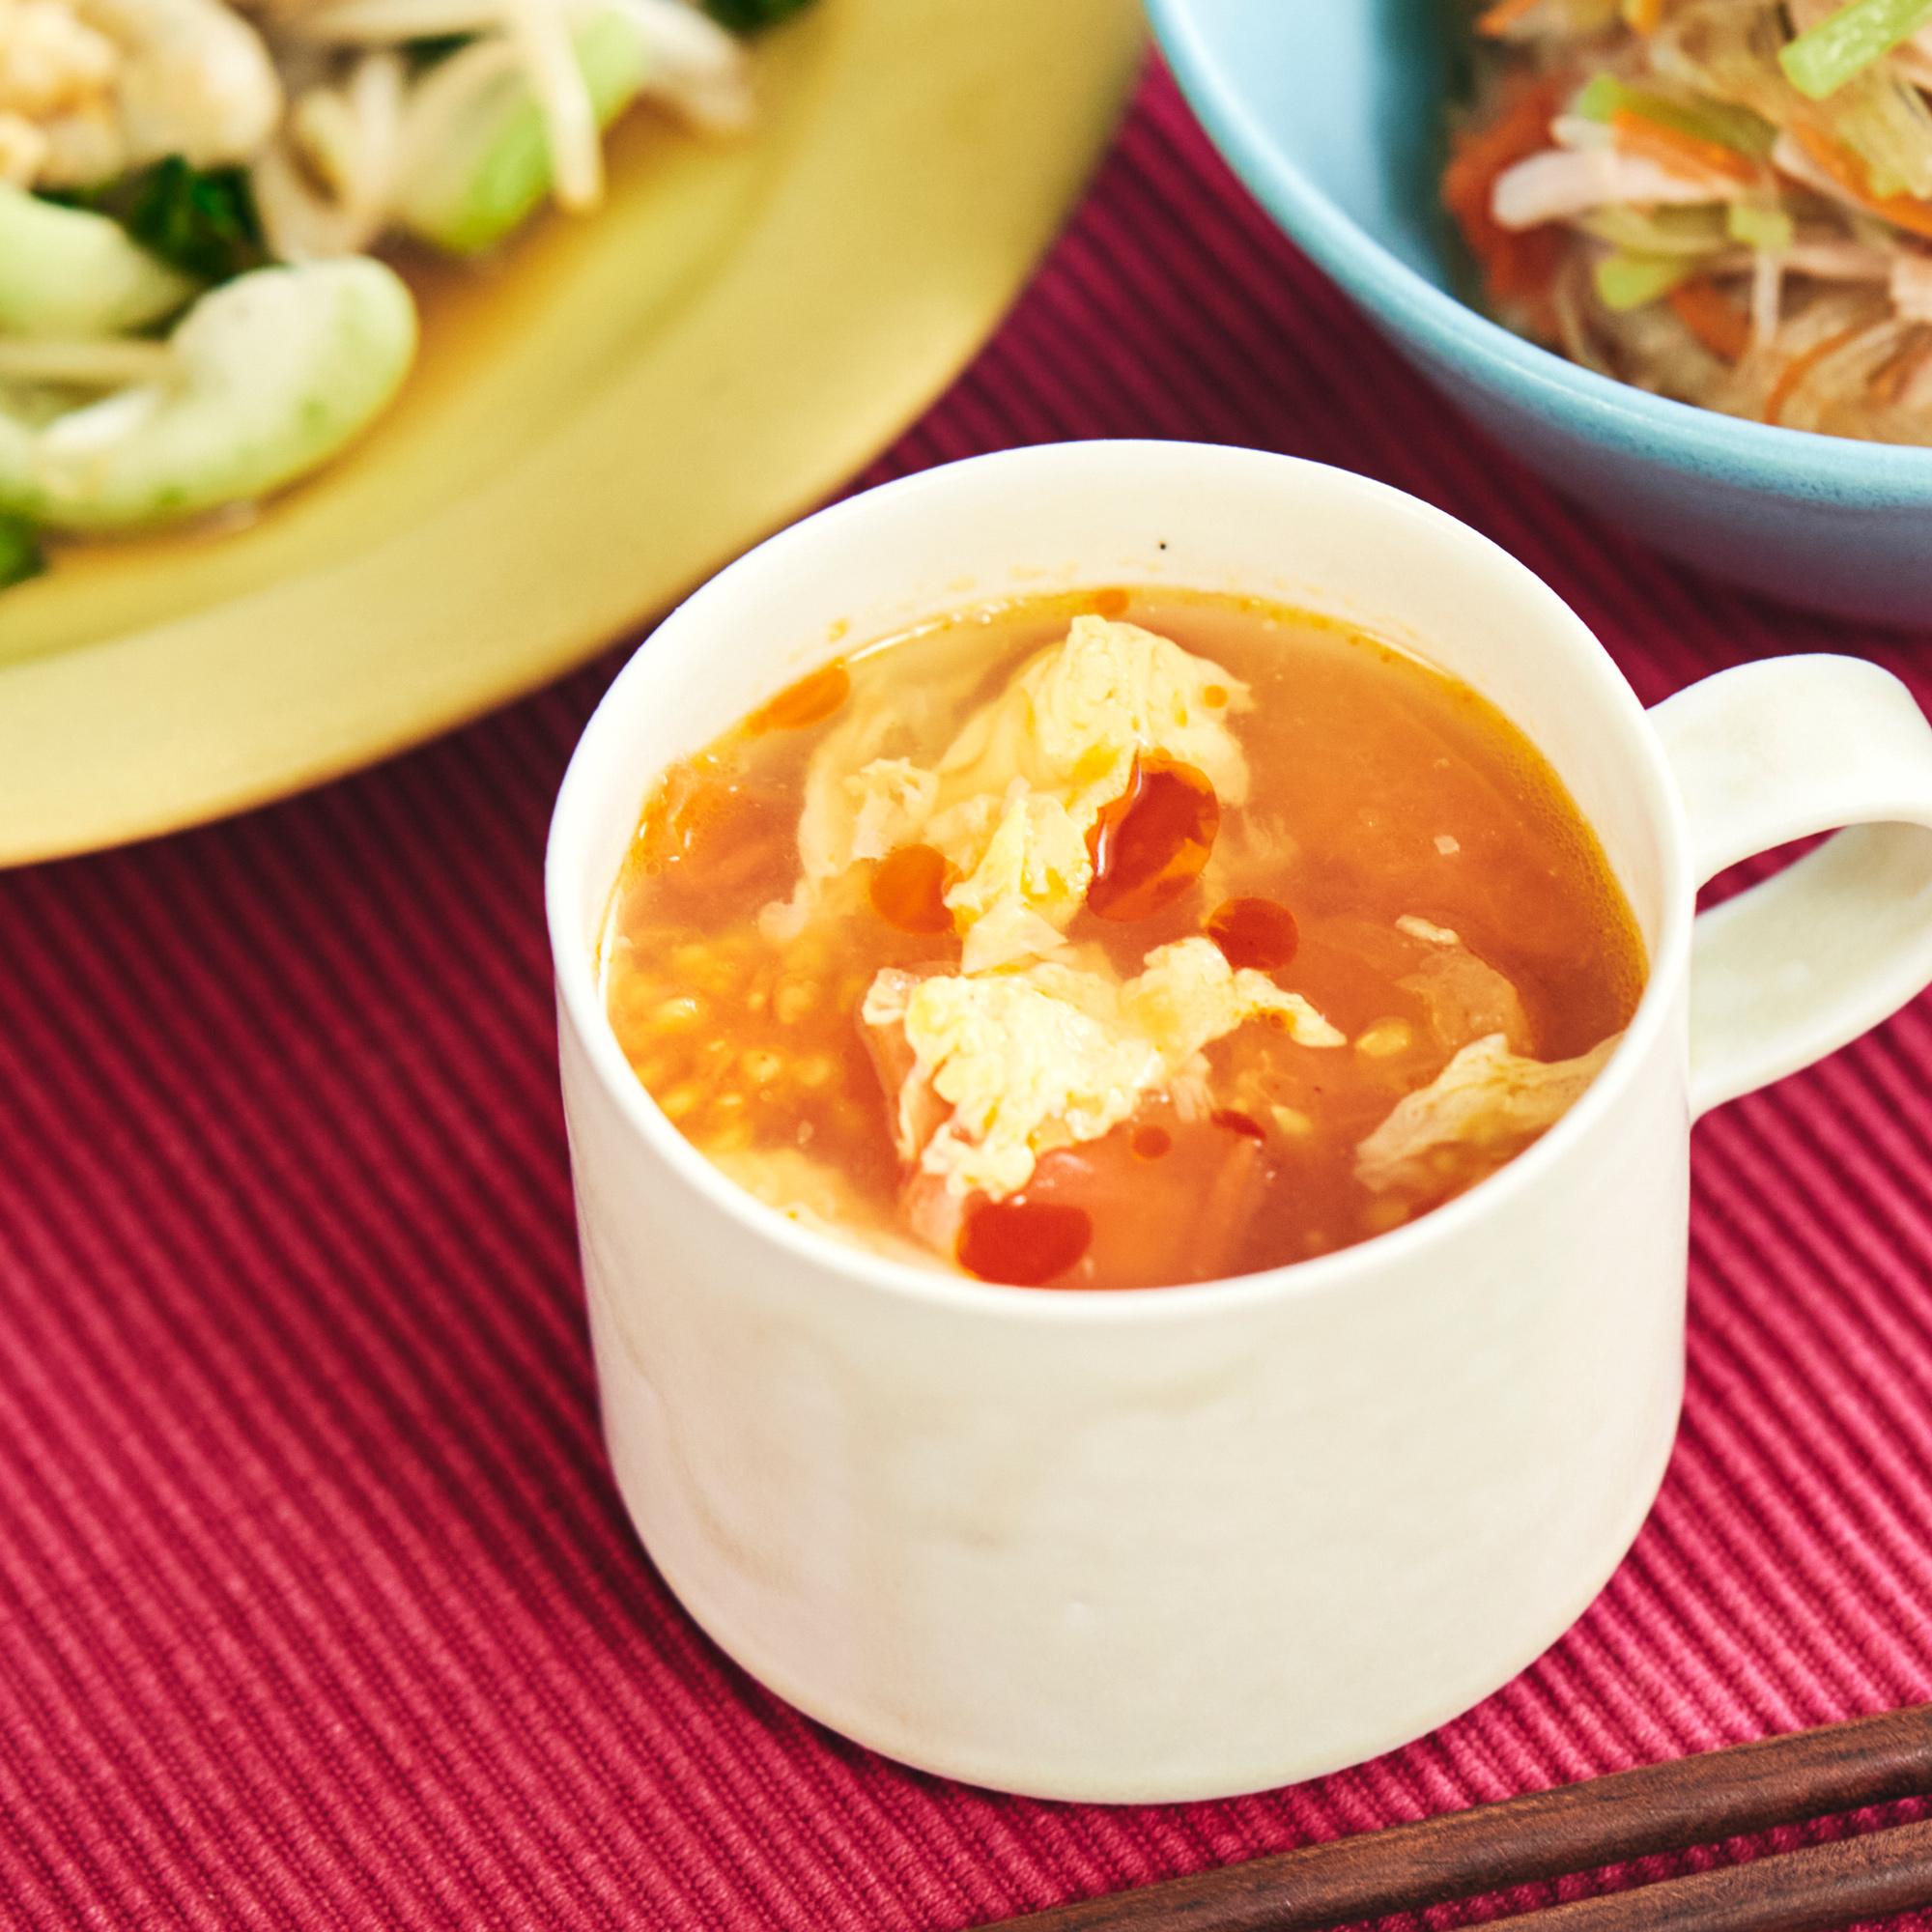 ふわふわ♪トマトと卵の中華風スープ